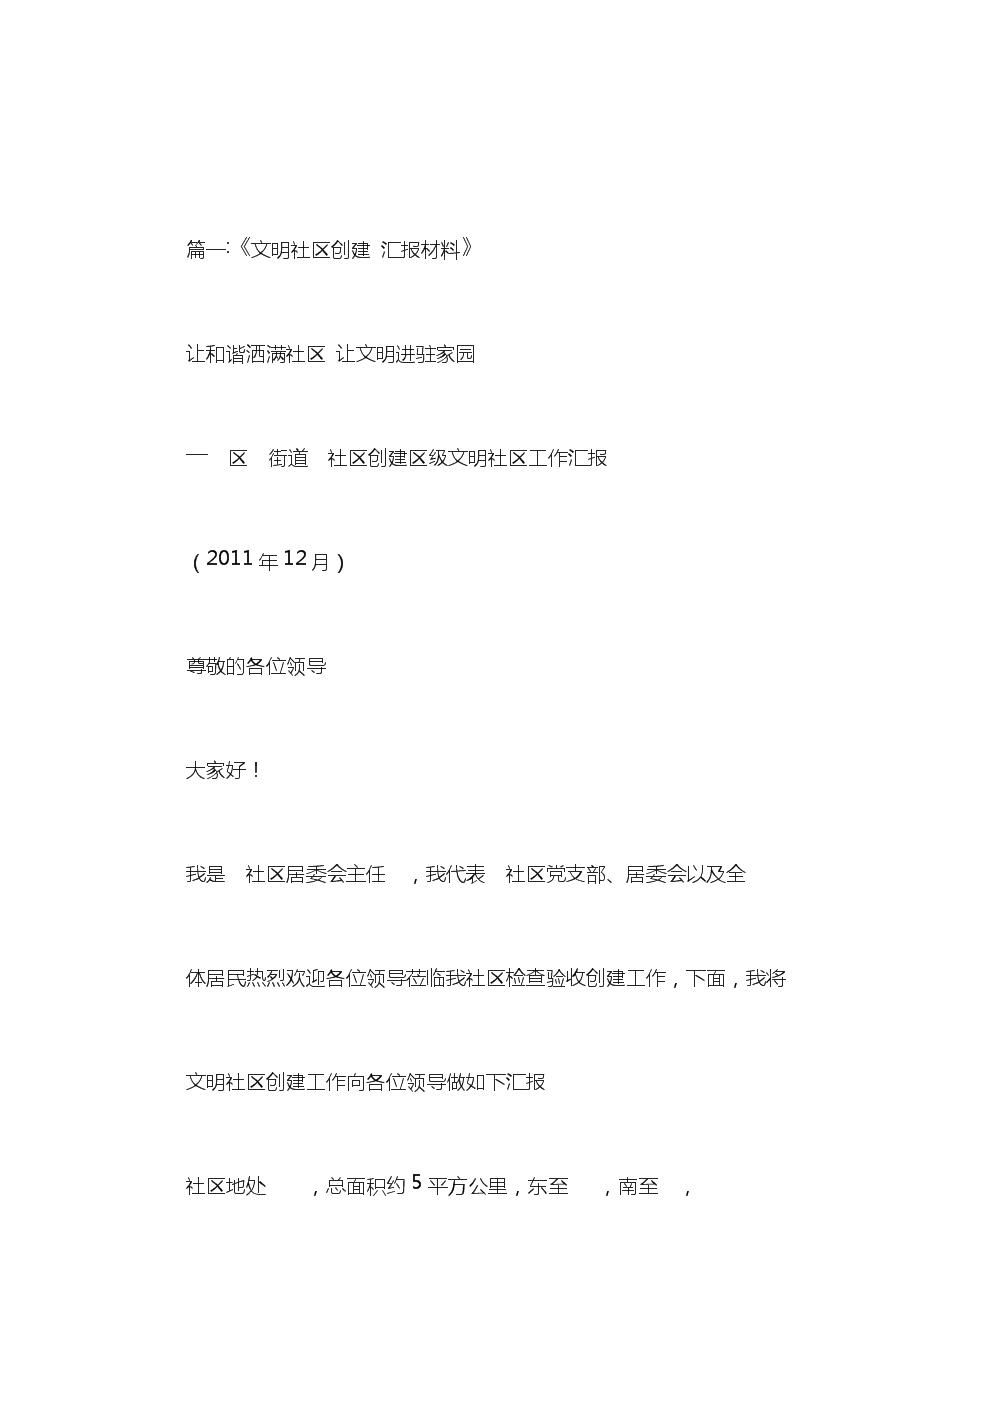 创文明社区申报材料范文.doc